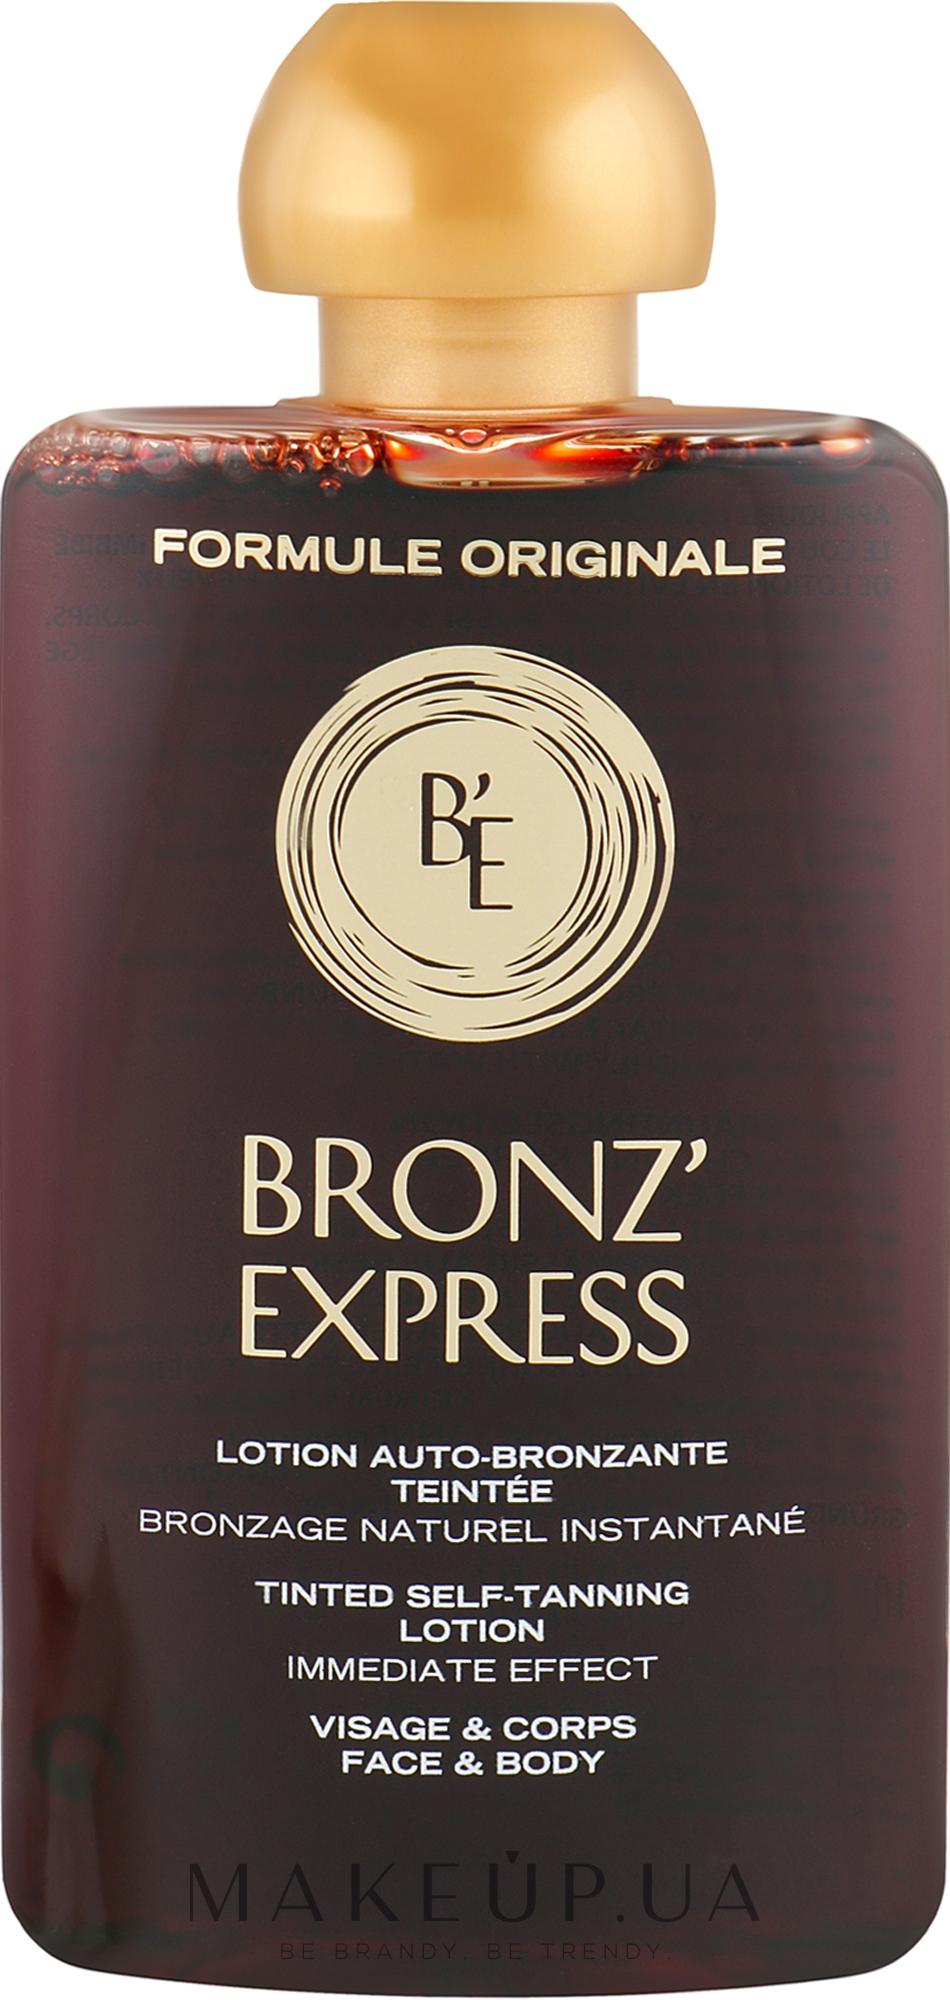 Лосьйон-автозасмага для обличчя і тіла - Academie Bronz'Express Lotion — фото 100ml